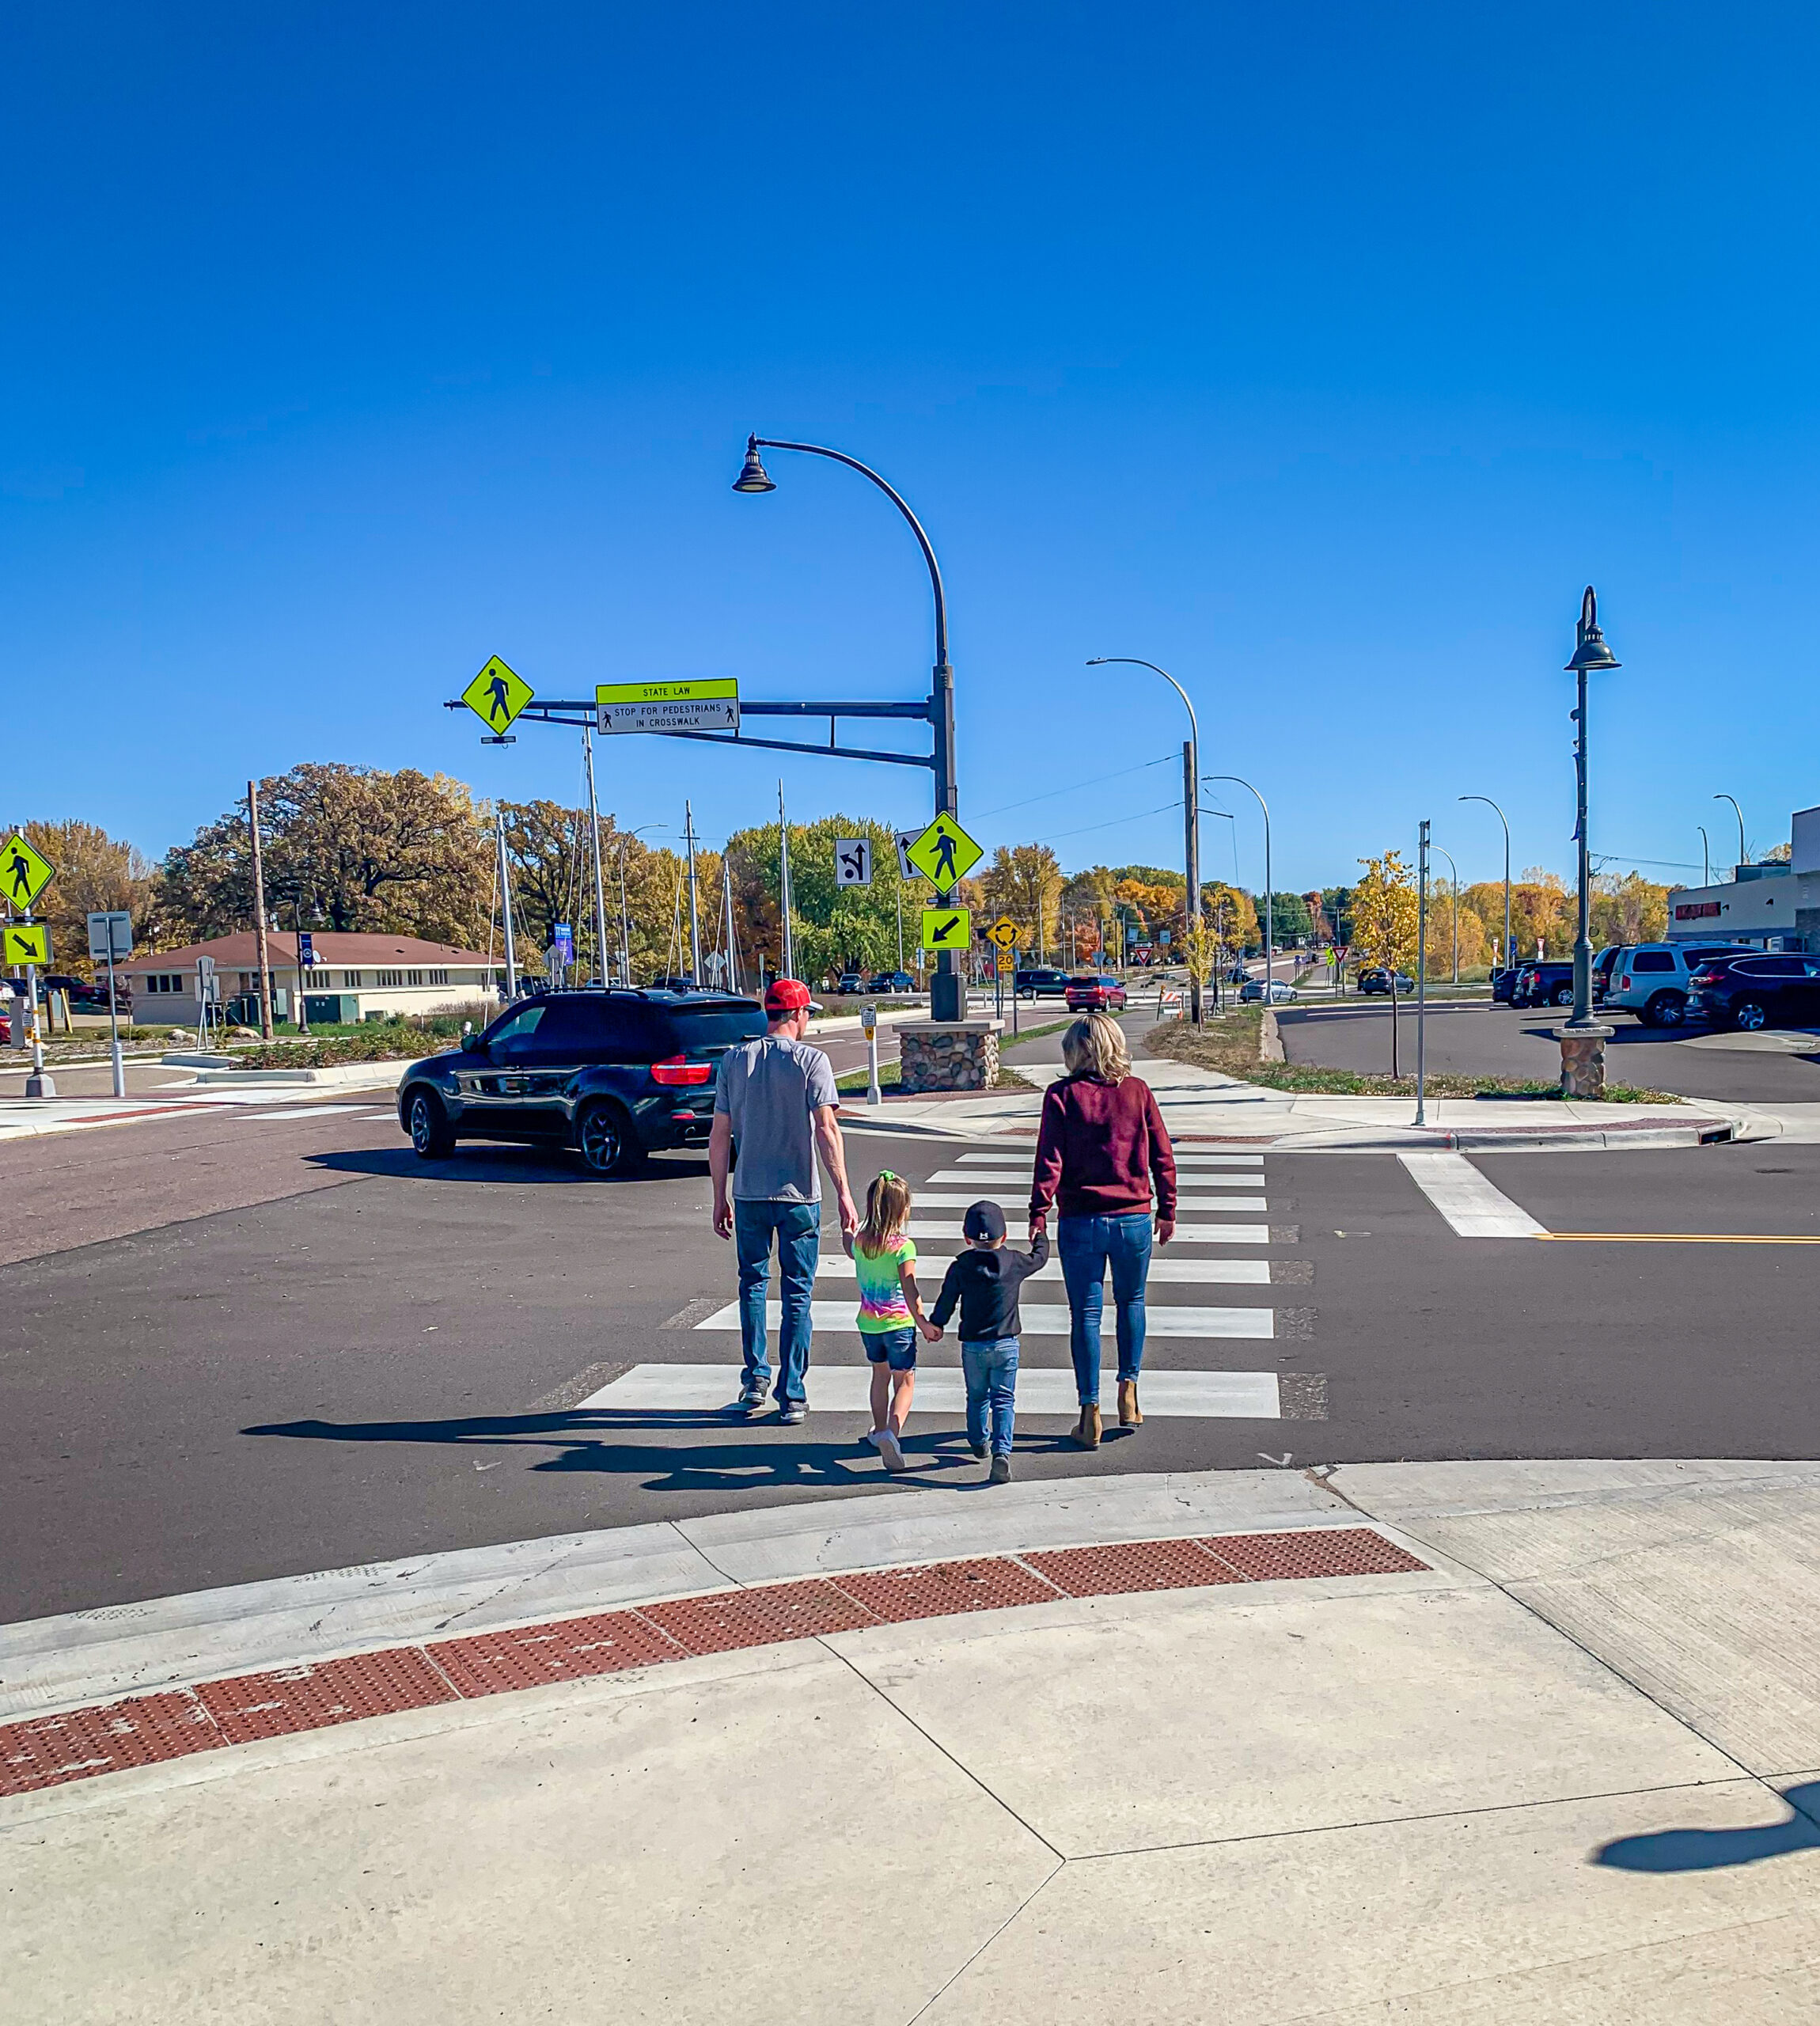 Family walking in crosswalk